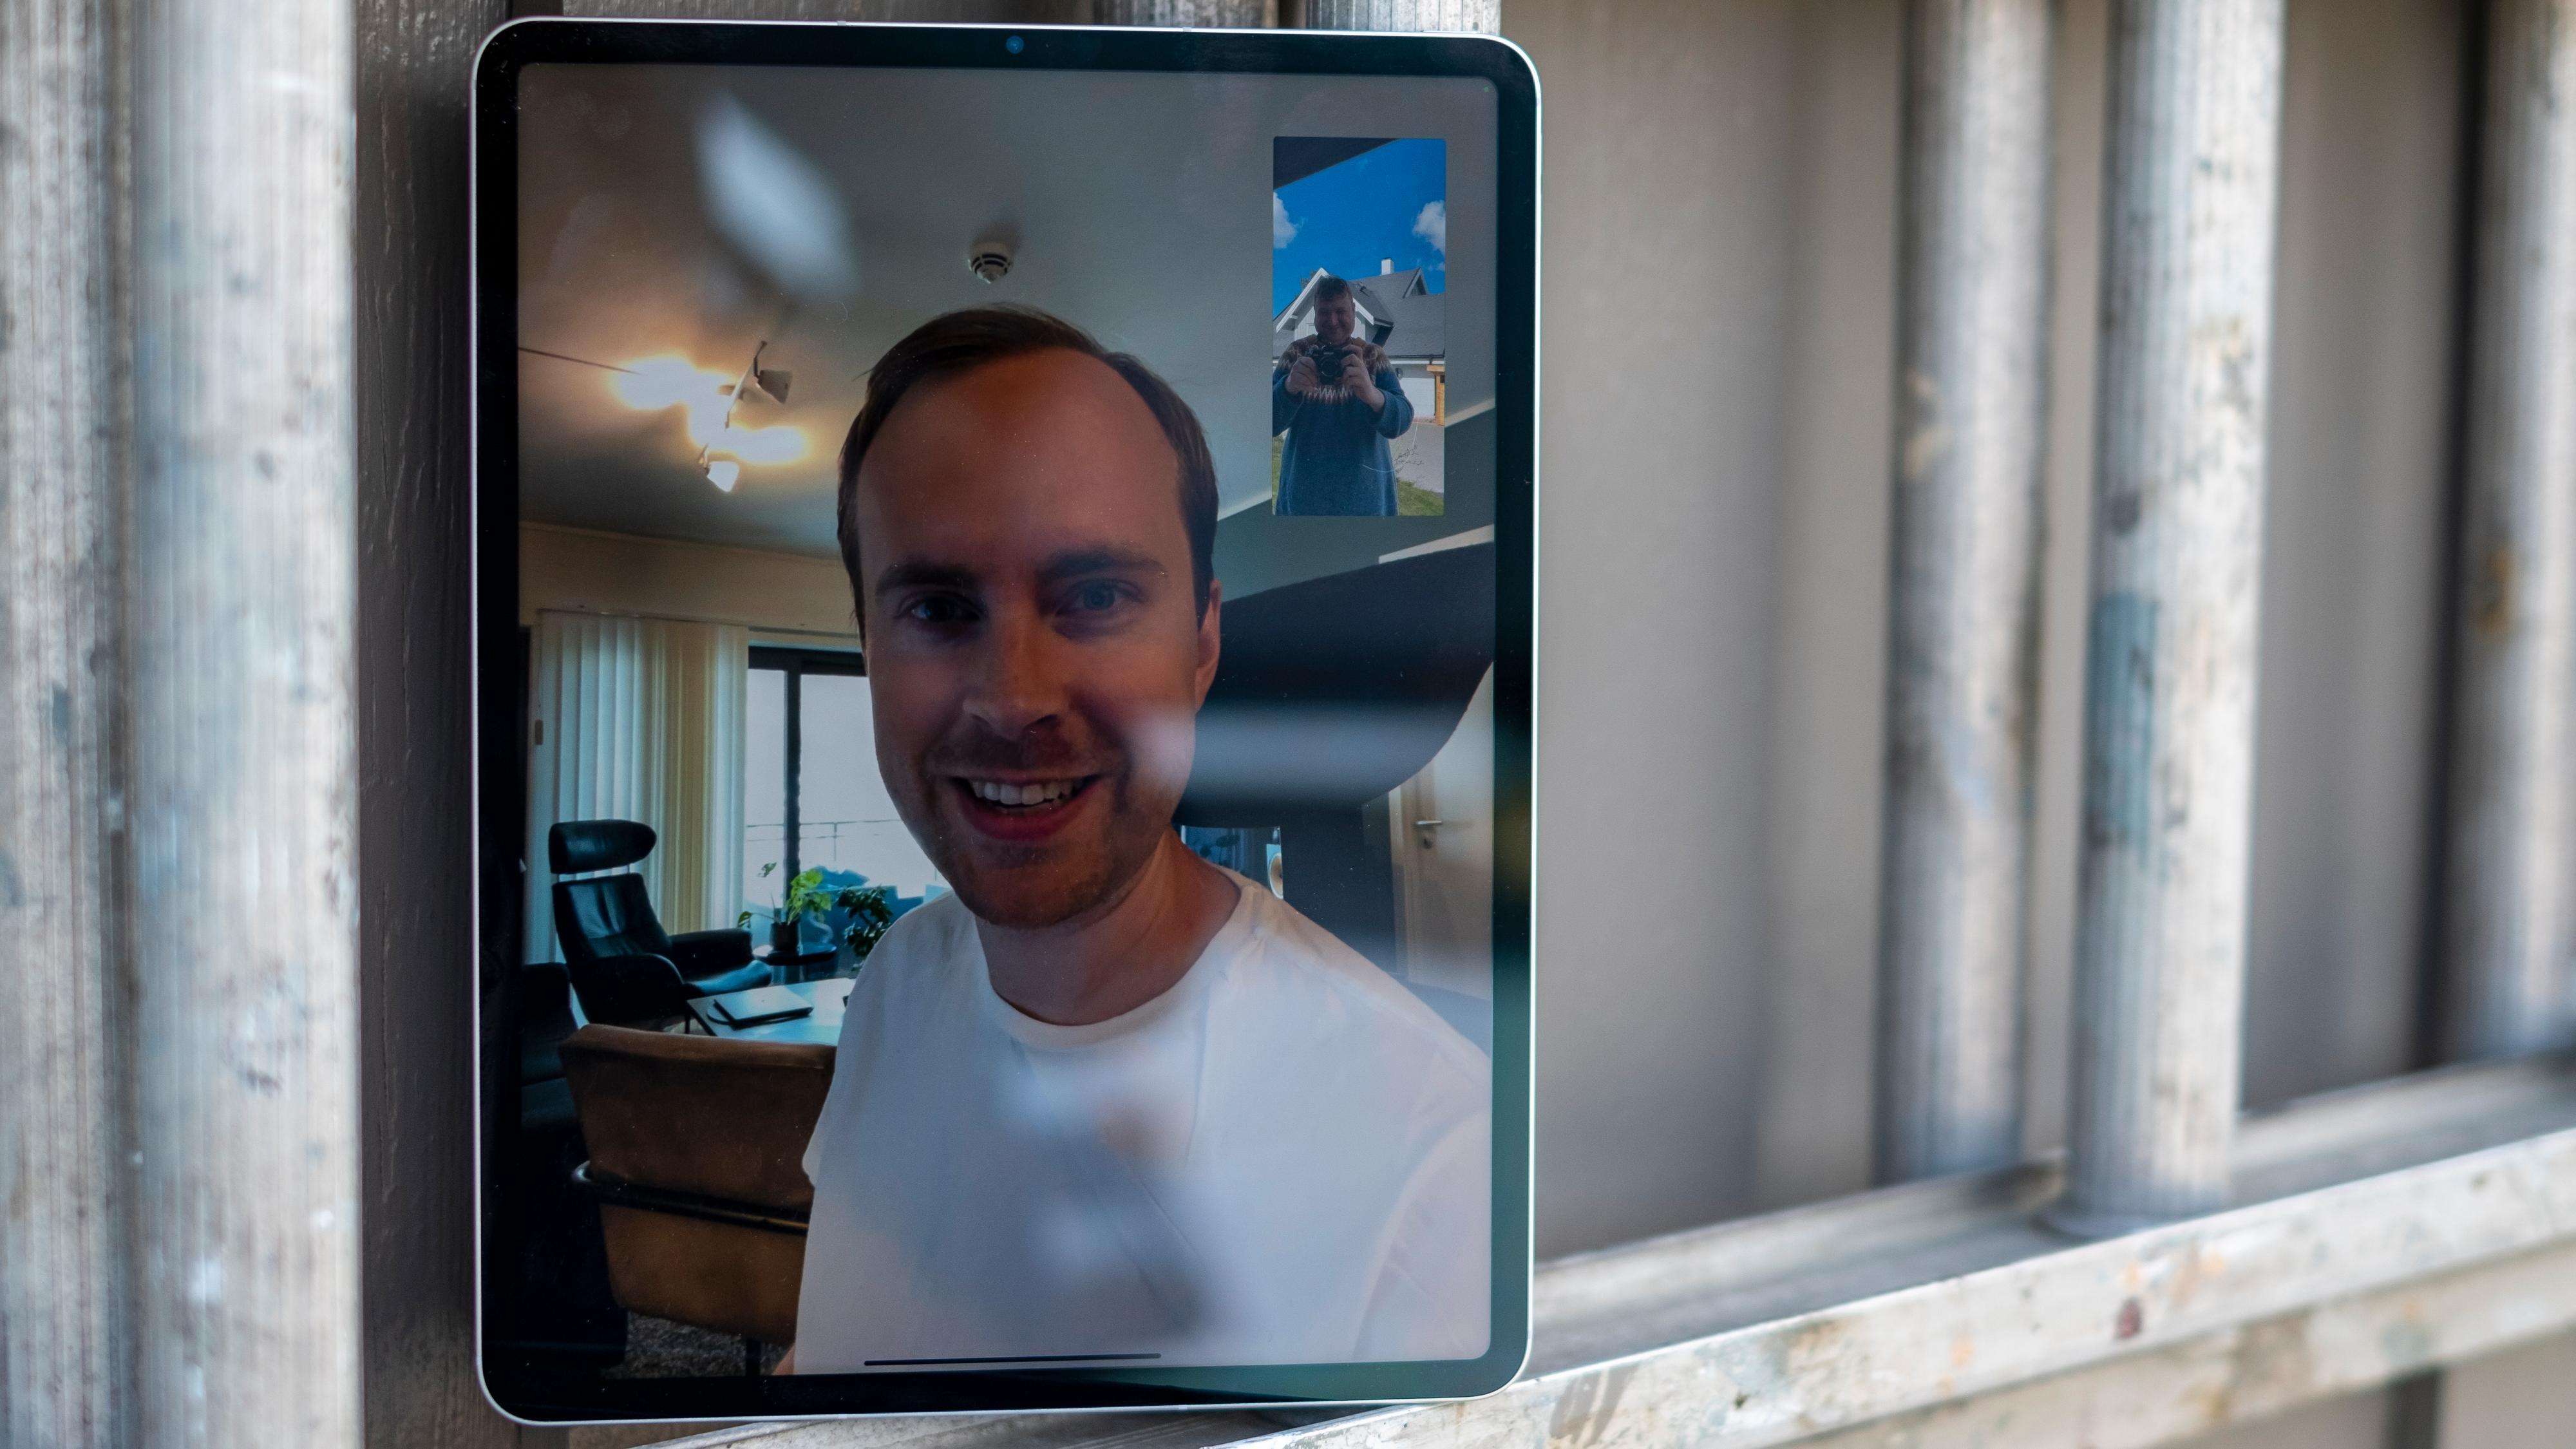 Det nye vidvinkelkameraet foran på iPaden kan følge deg rundt enten du labber rundt i hagen, eller presenterer ting på et møterom. Følgefunksjonen kunne imidlertid vært raskere.